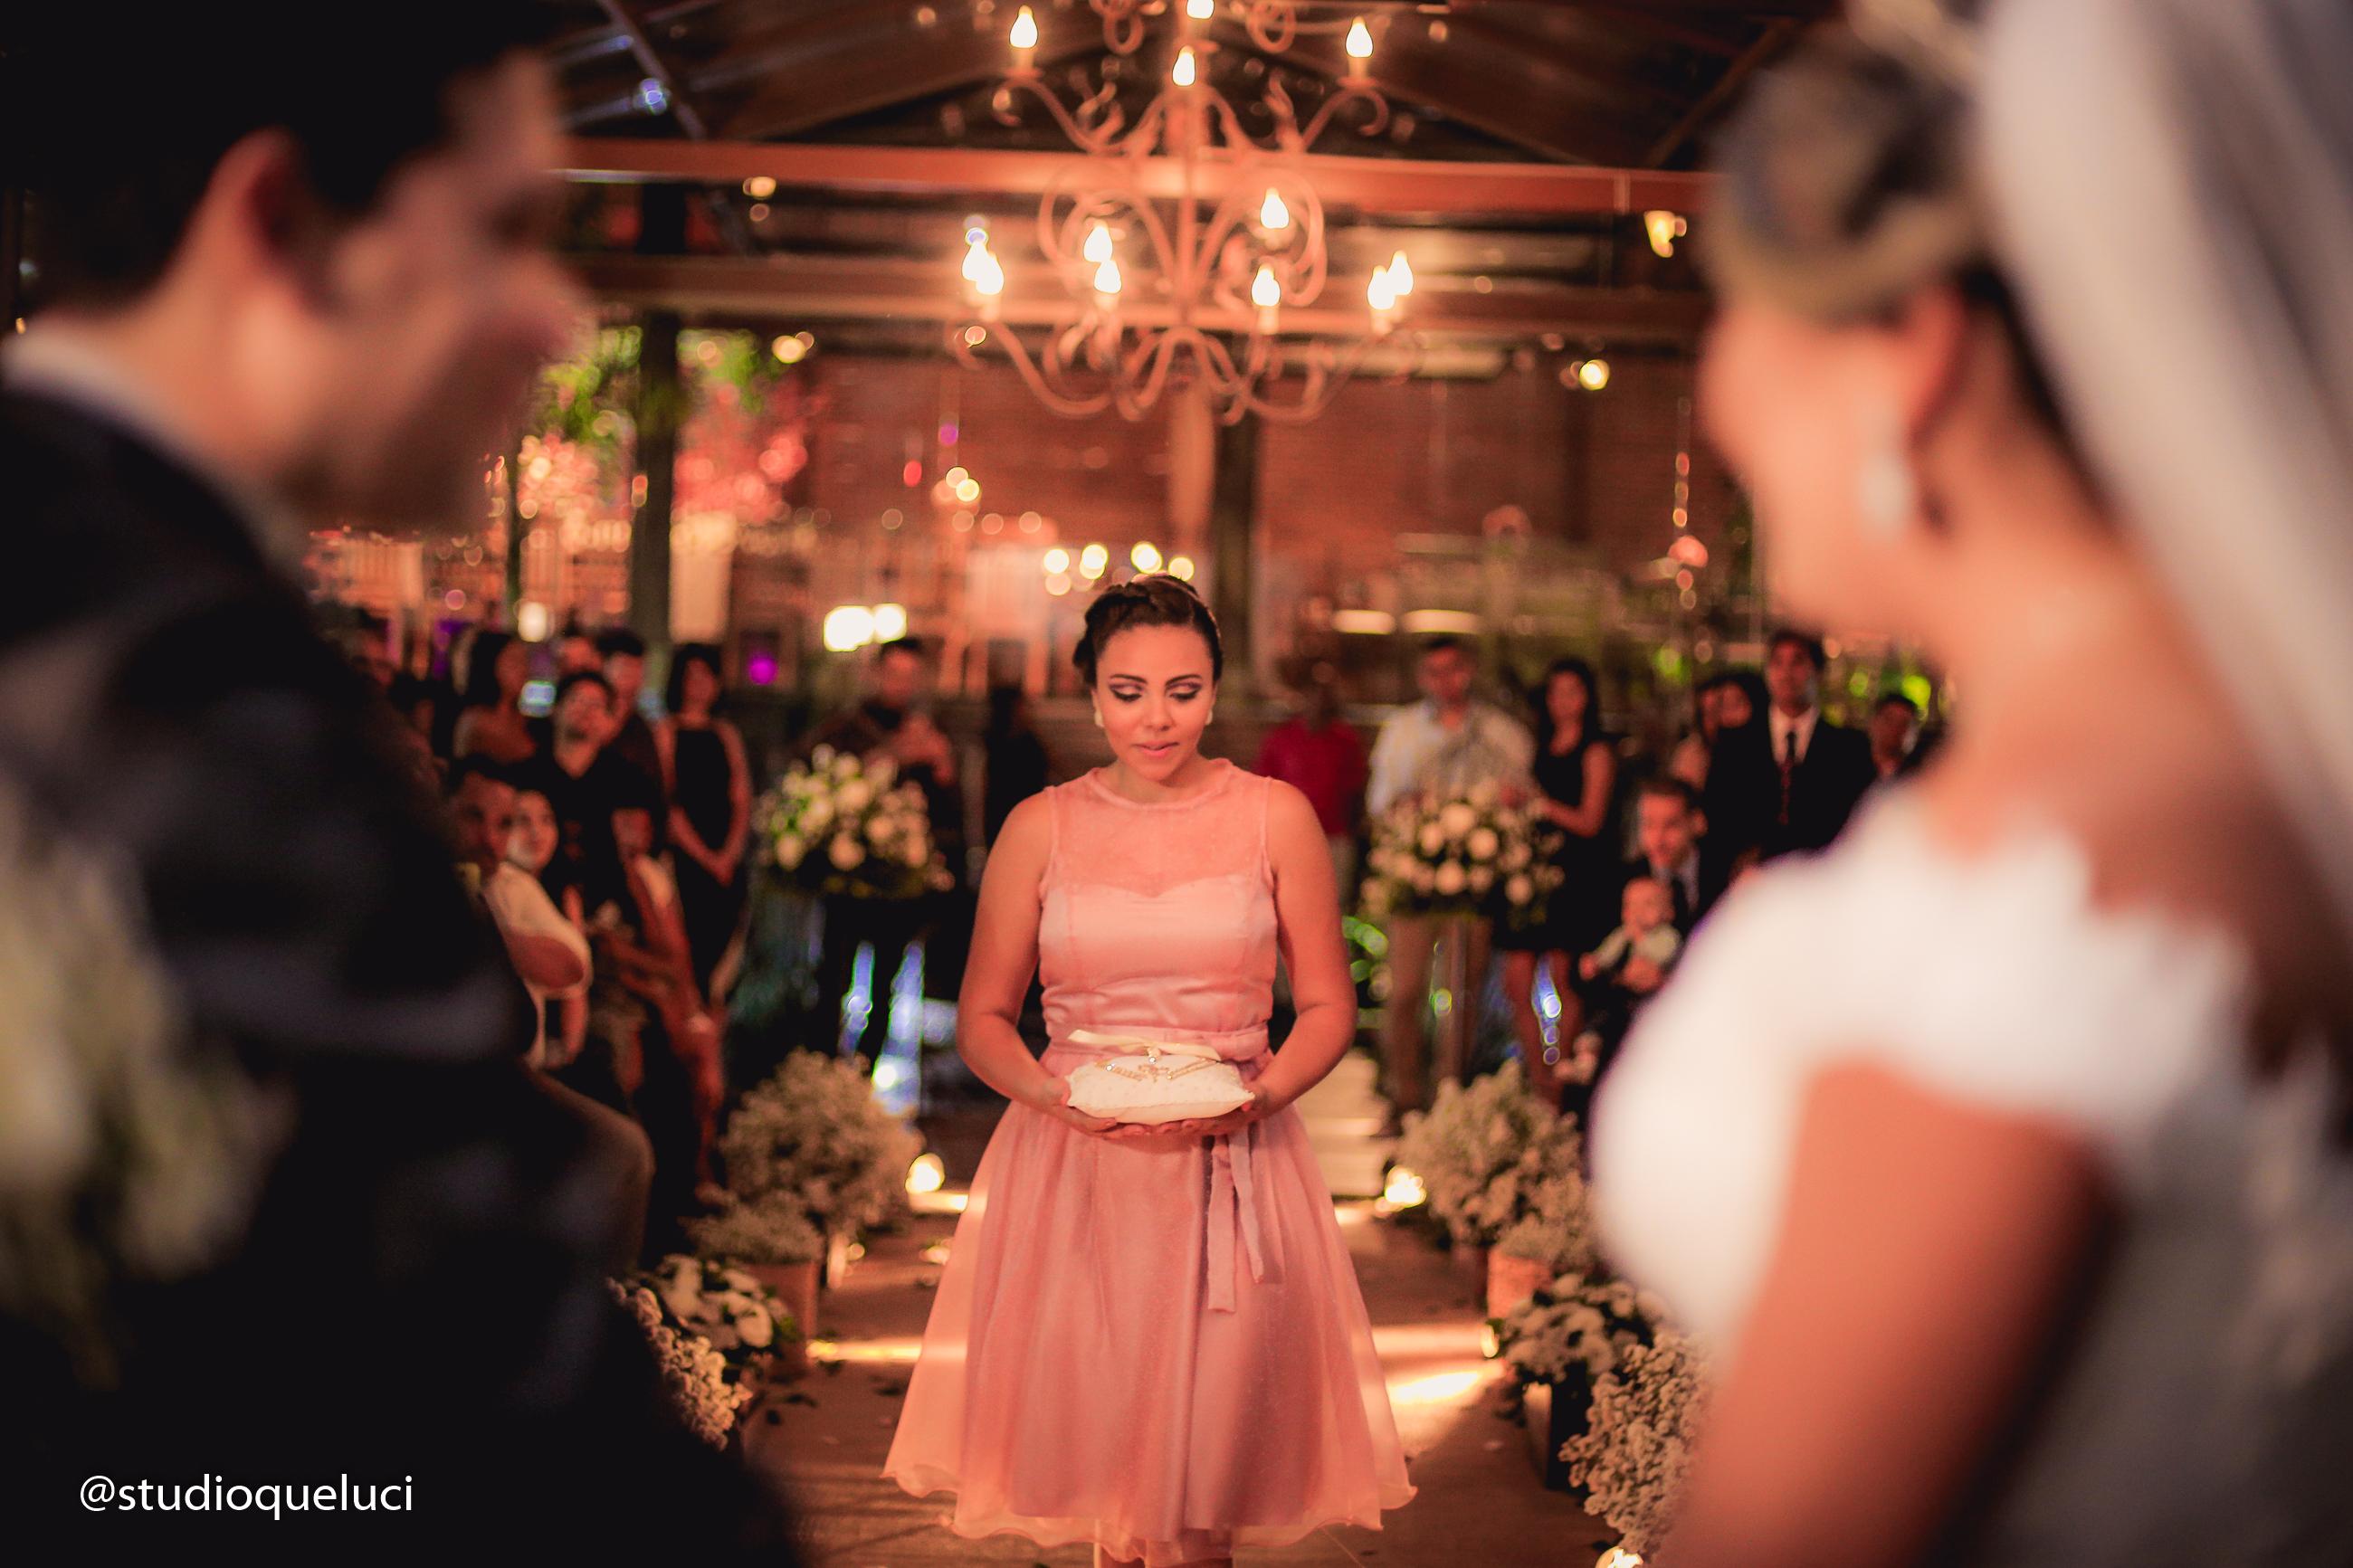 Casamento no Vale dos sonhos em Campo Grande RJ (29)